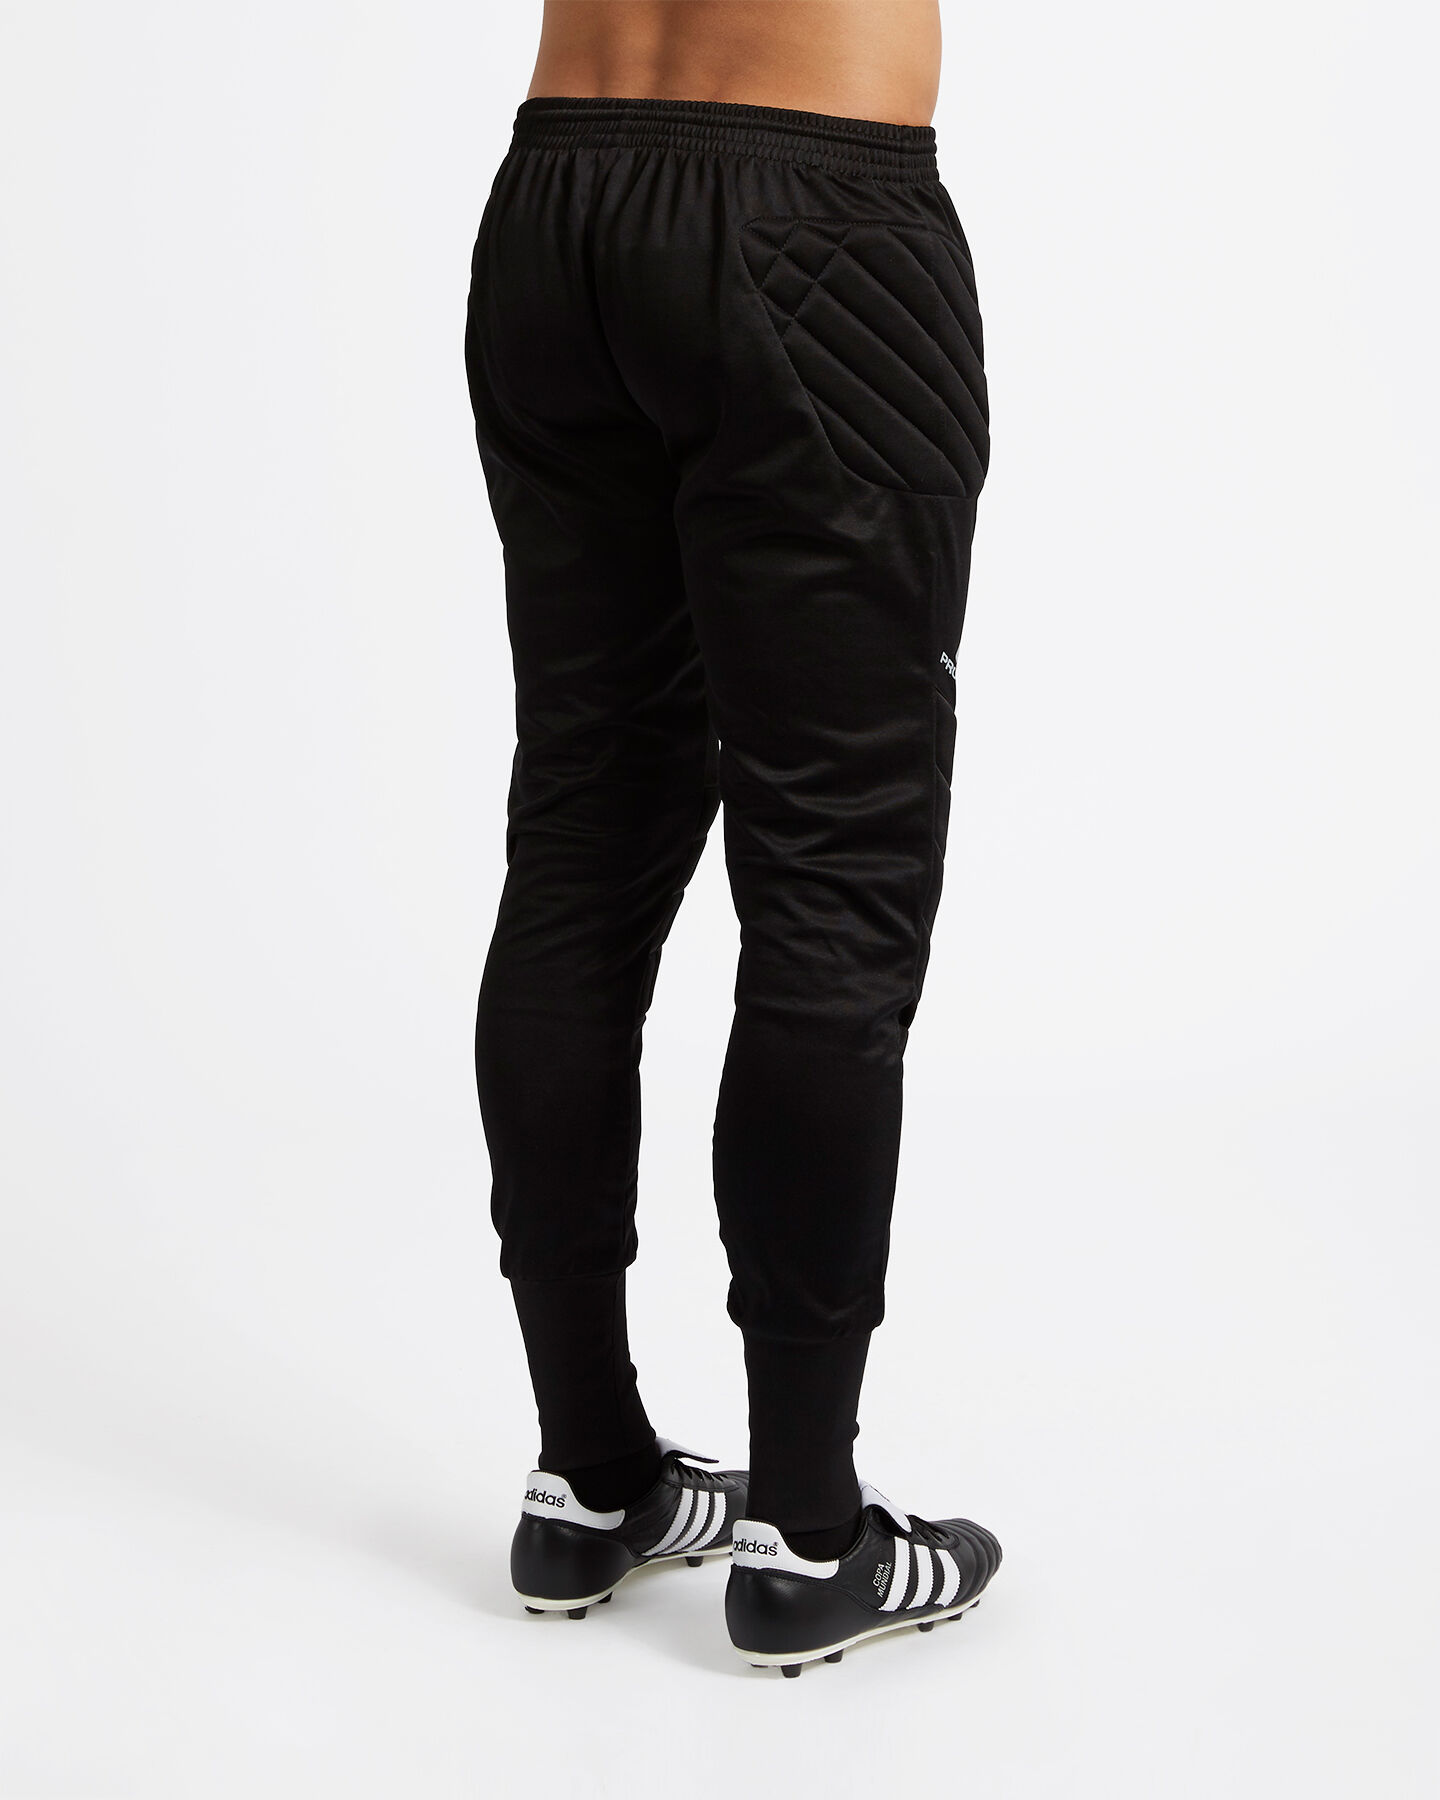 Pantaloncini calcio PRO TOUCH PORTIERE SR M S1282292 scatto 1